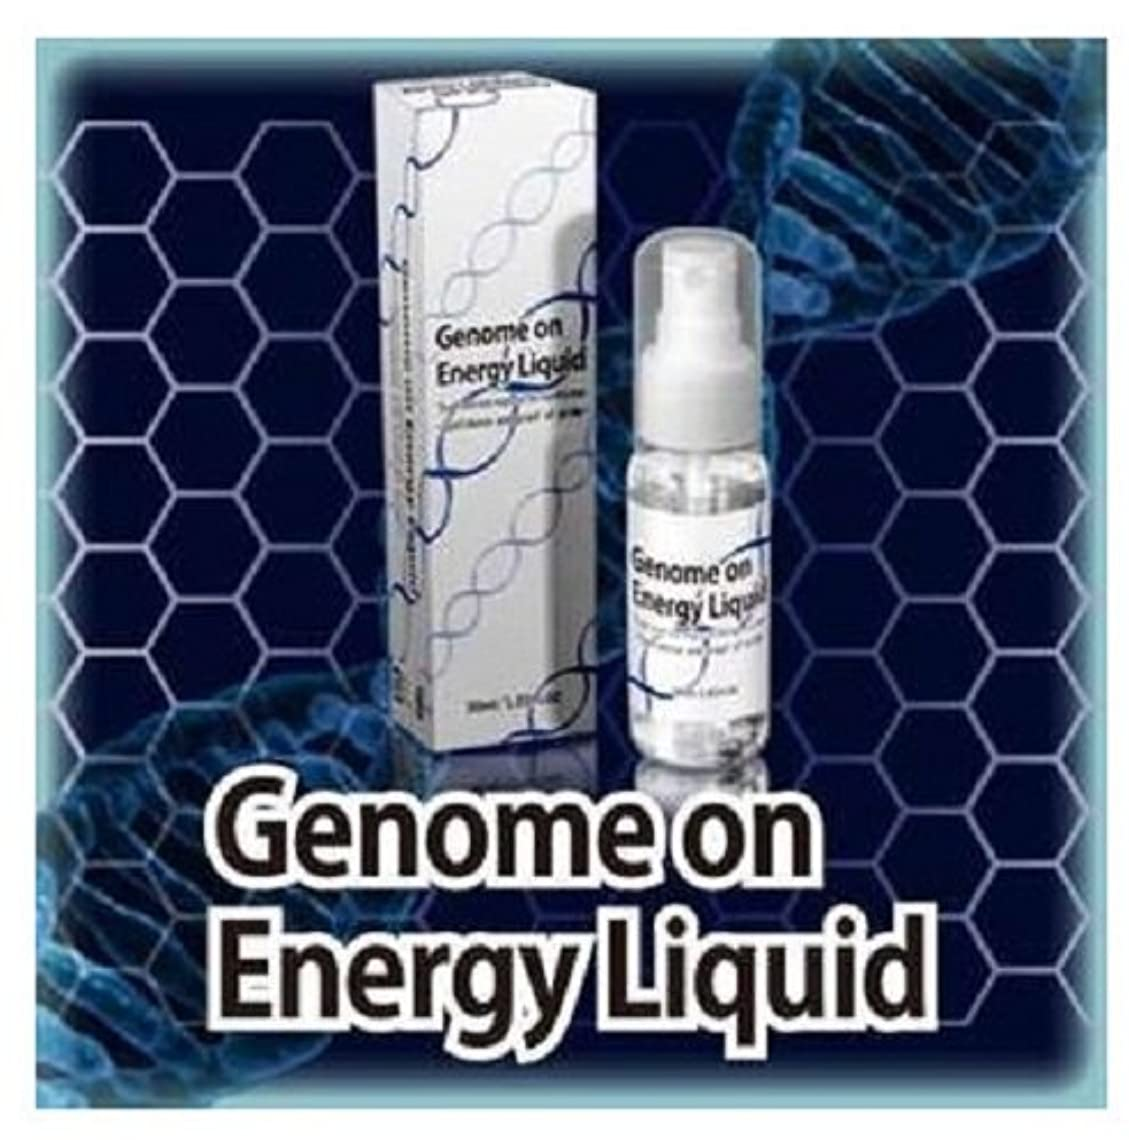 メッセンジャーいたずら耐えられるゲノムオンエナジーリキッド Genome on Energy Liquid